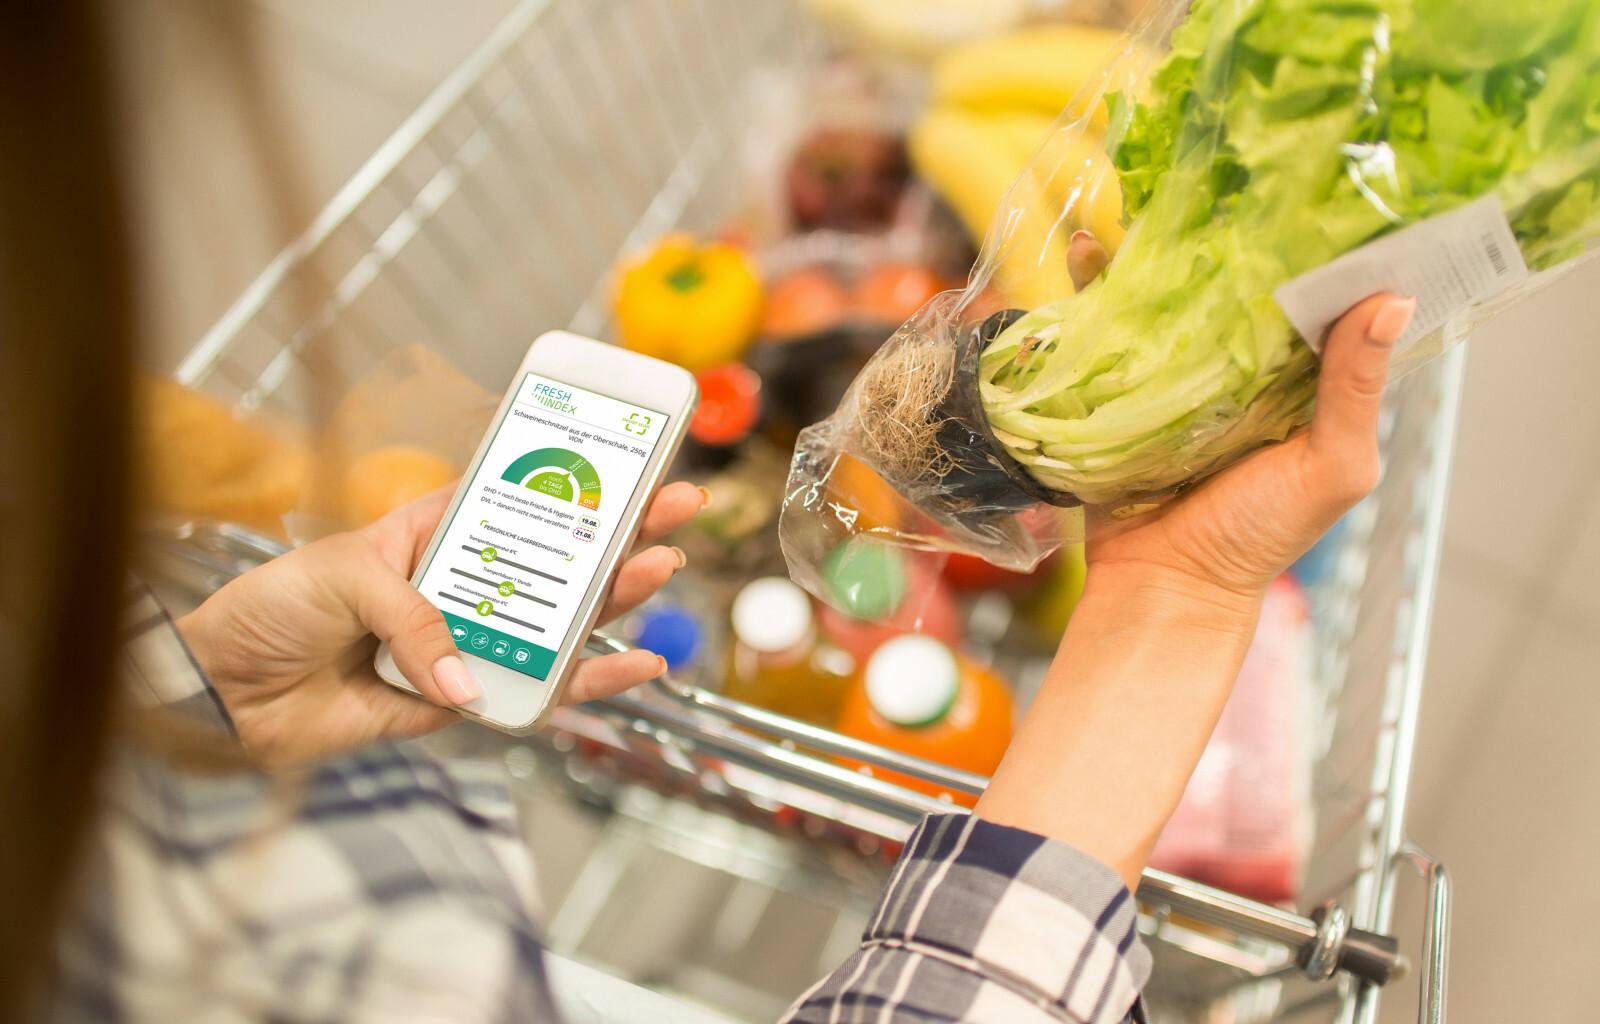 Metro: App soll Haltbarkeitsdatum überflüssig machen